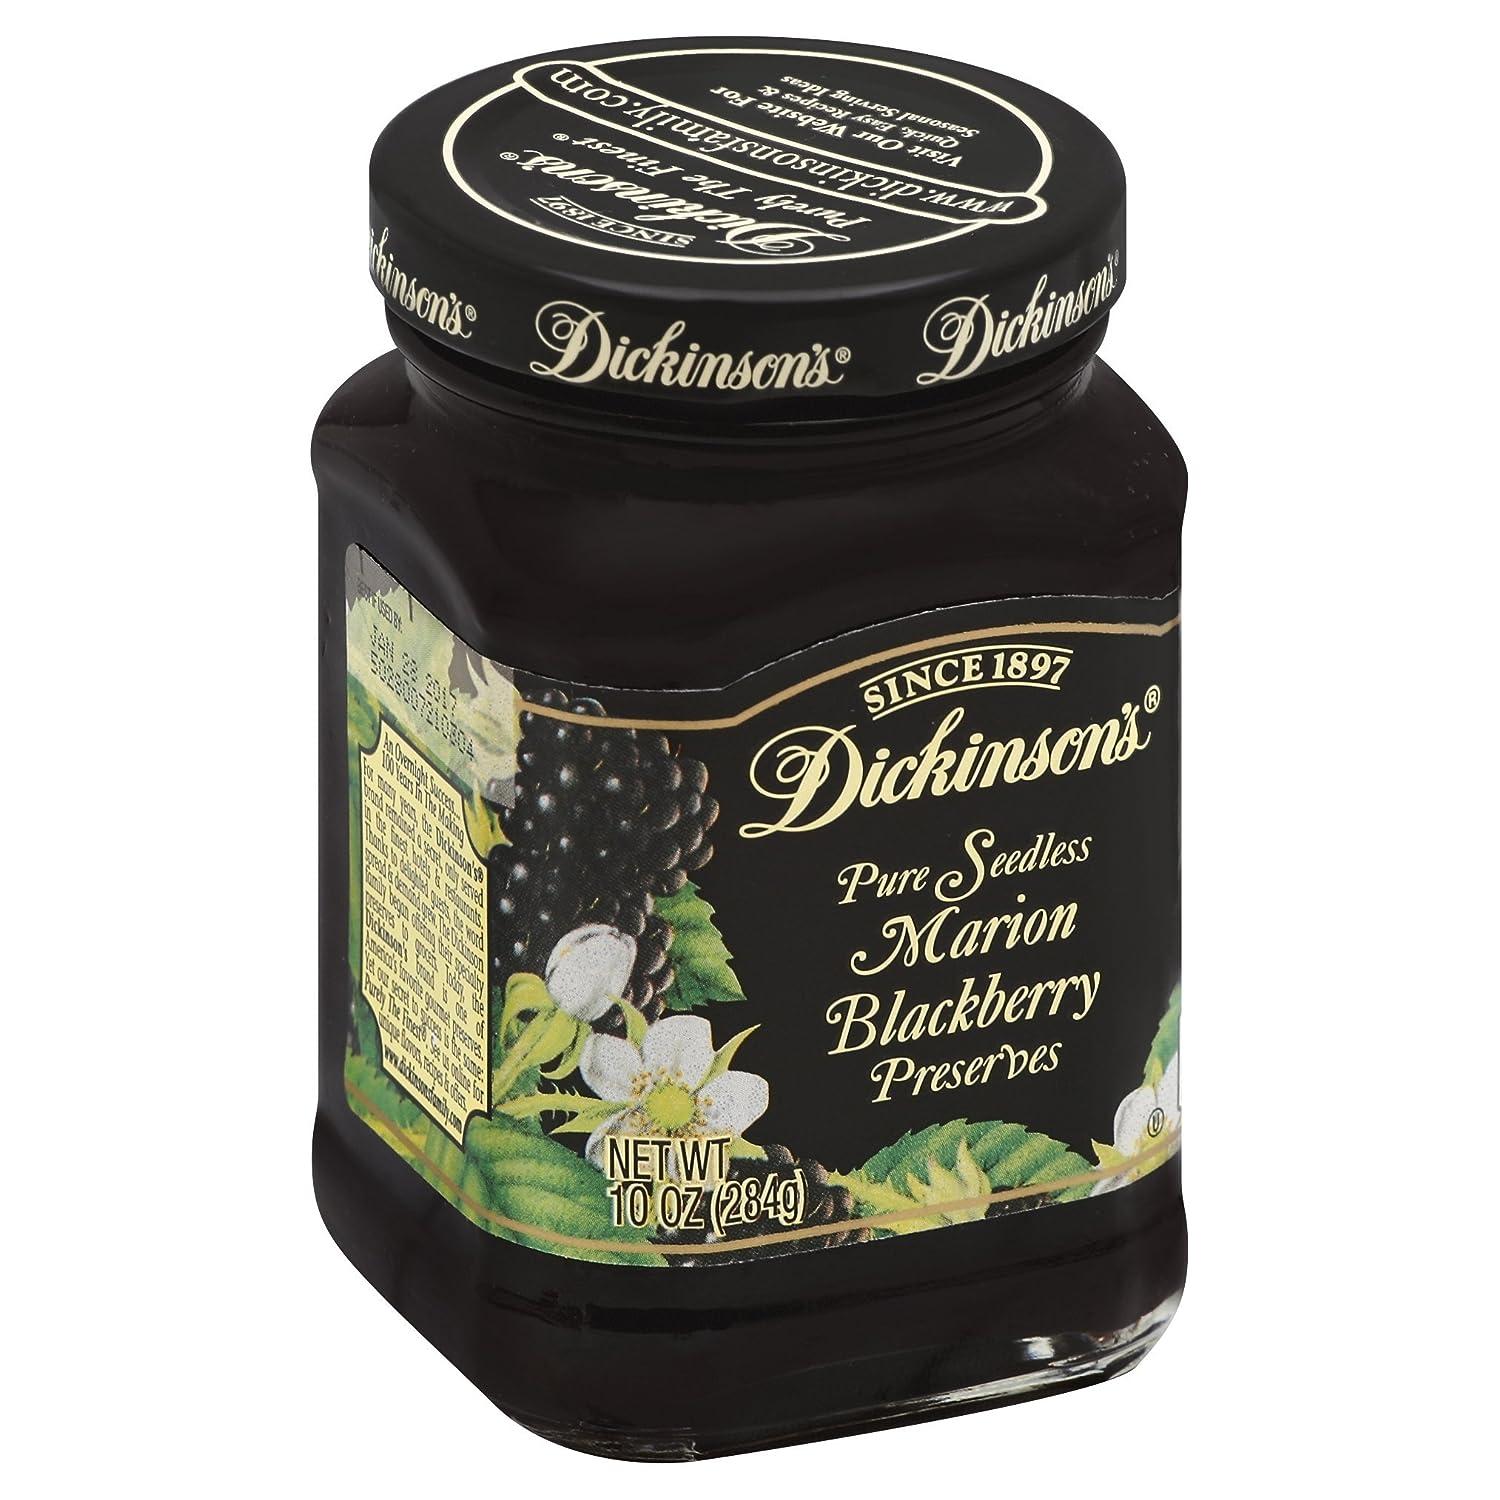 Dickinson's Seedless Blackberry Preserves, 10 oz